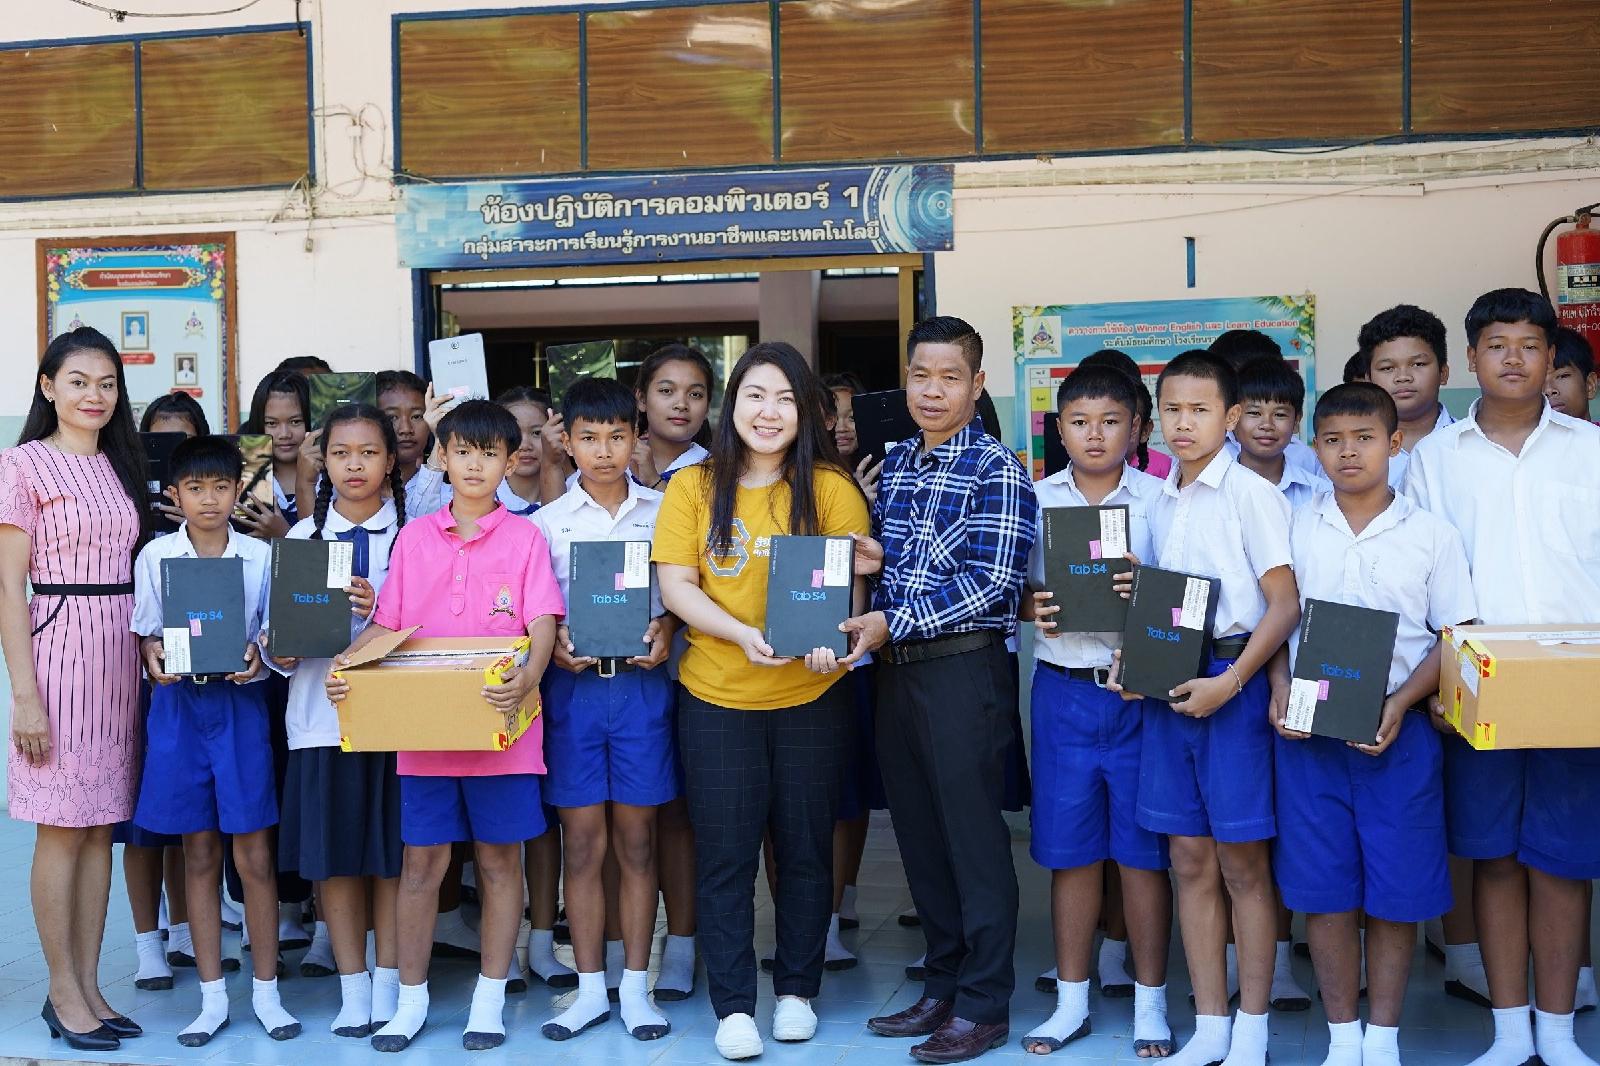 """Samsung ร่วมกับ โครงการร้อยพลังการศึกษาส่งเสริมการเรียนออนไลน์แก่โรงเรียนที่ขาดโอกาส ผ่านโครงการ """"มือถือนี้ พี่ให้น้อง(เรียน)"""""""